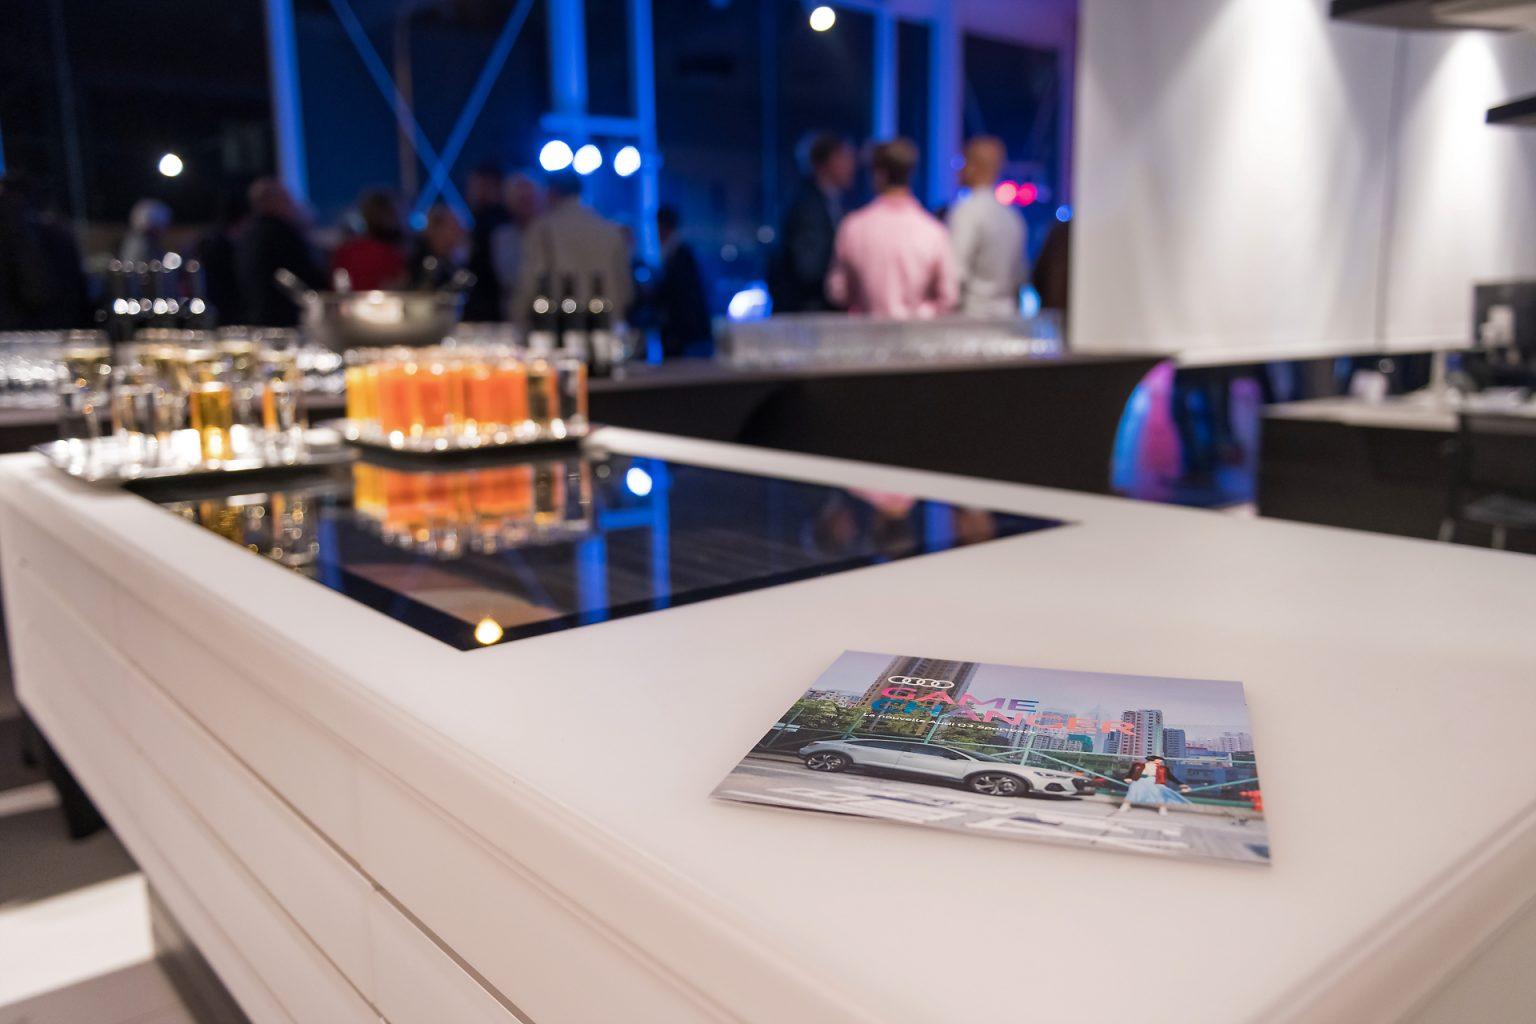 Détail de la réception, Audi Night 2019, Audi SAWA Center Waterloo par Aurore Delsoir photographe corporate